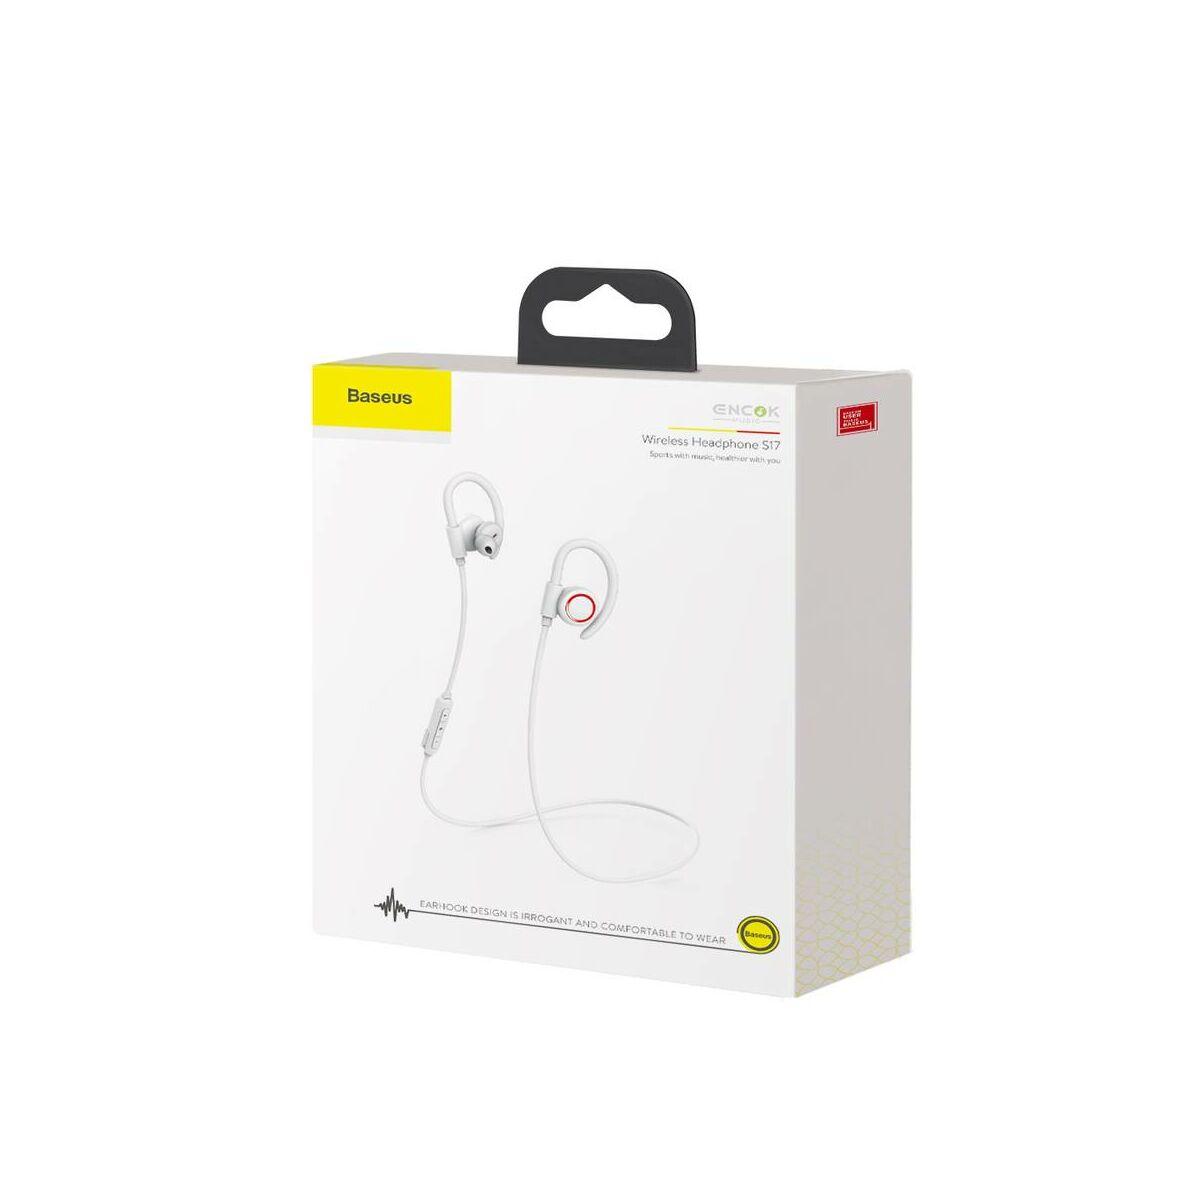 Baseus fülhallgató, Bluetooth Encok S17, vezeték nélküli, fehér (NGS17-02)